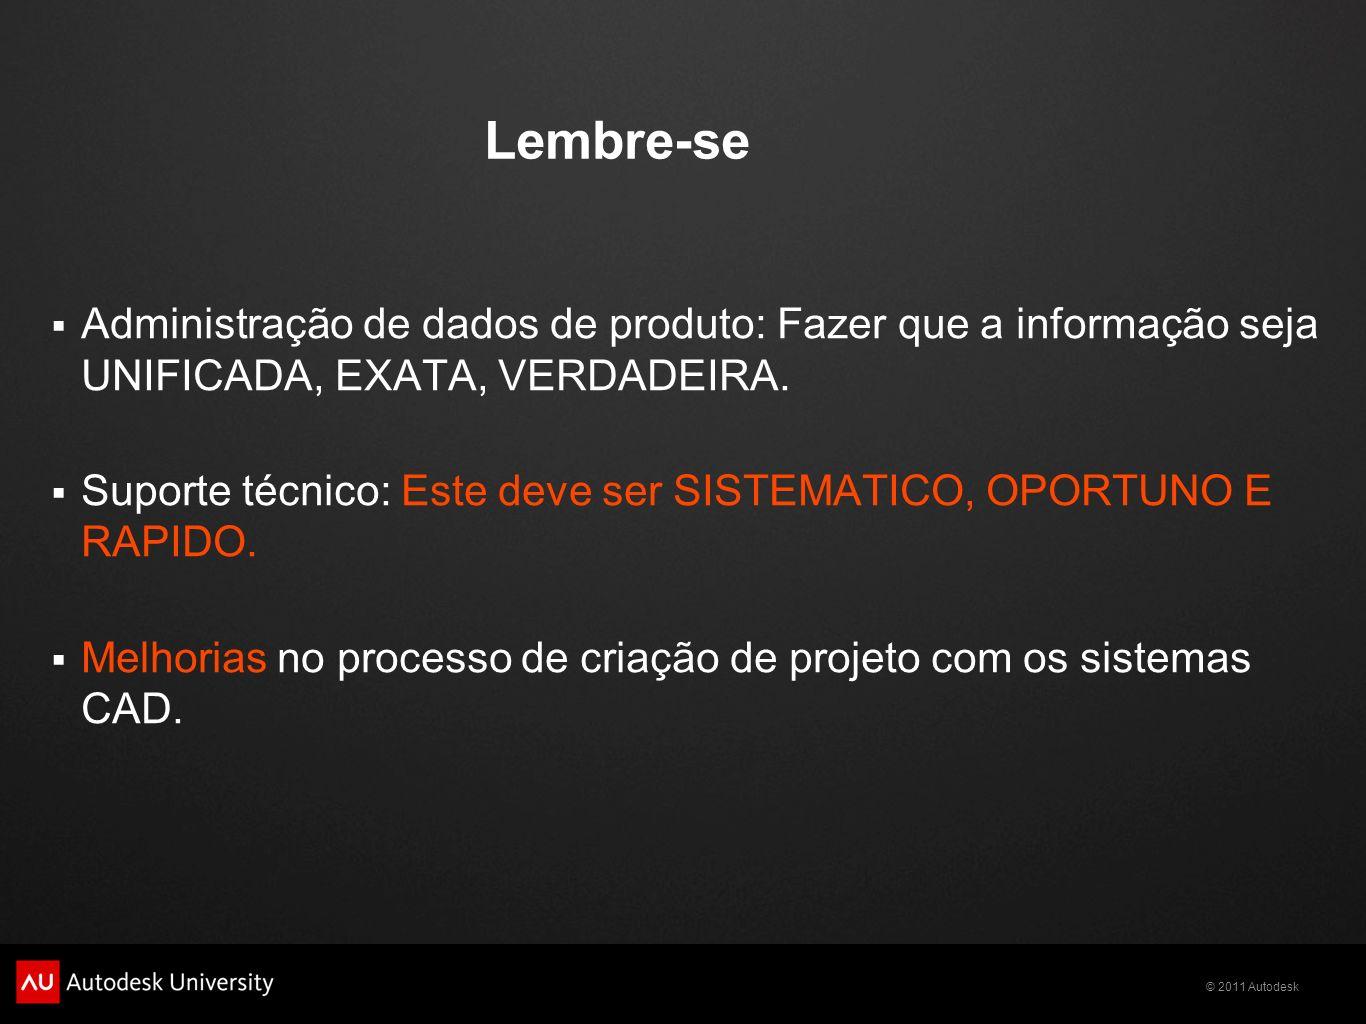 Lembre-se Administração de dados de produto: Fazer que a informação seja UNIFICADA, EXATA, VERDADEIRA.